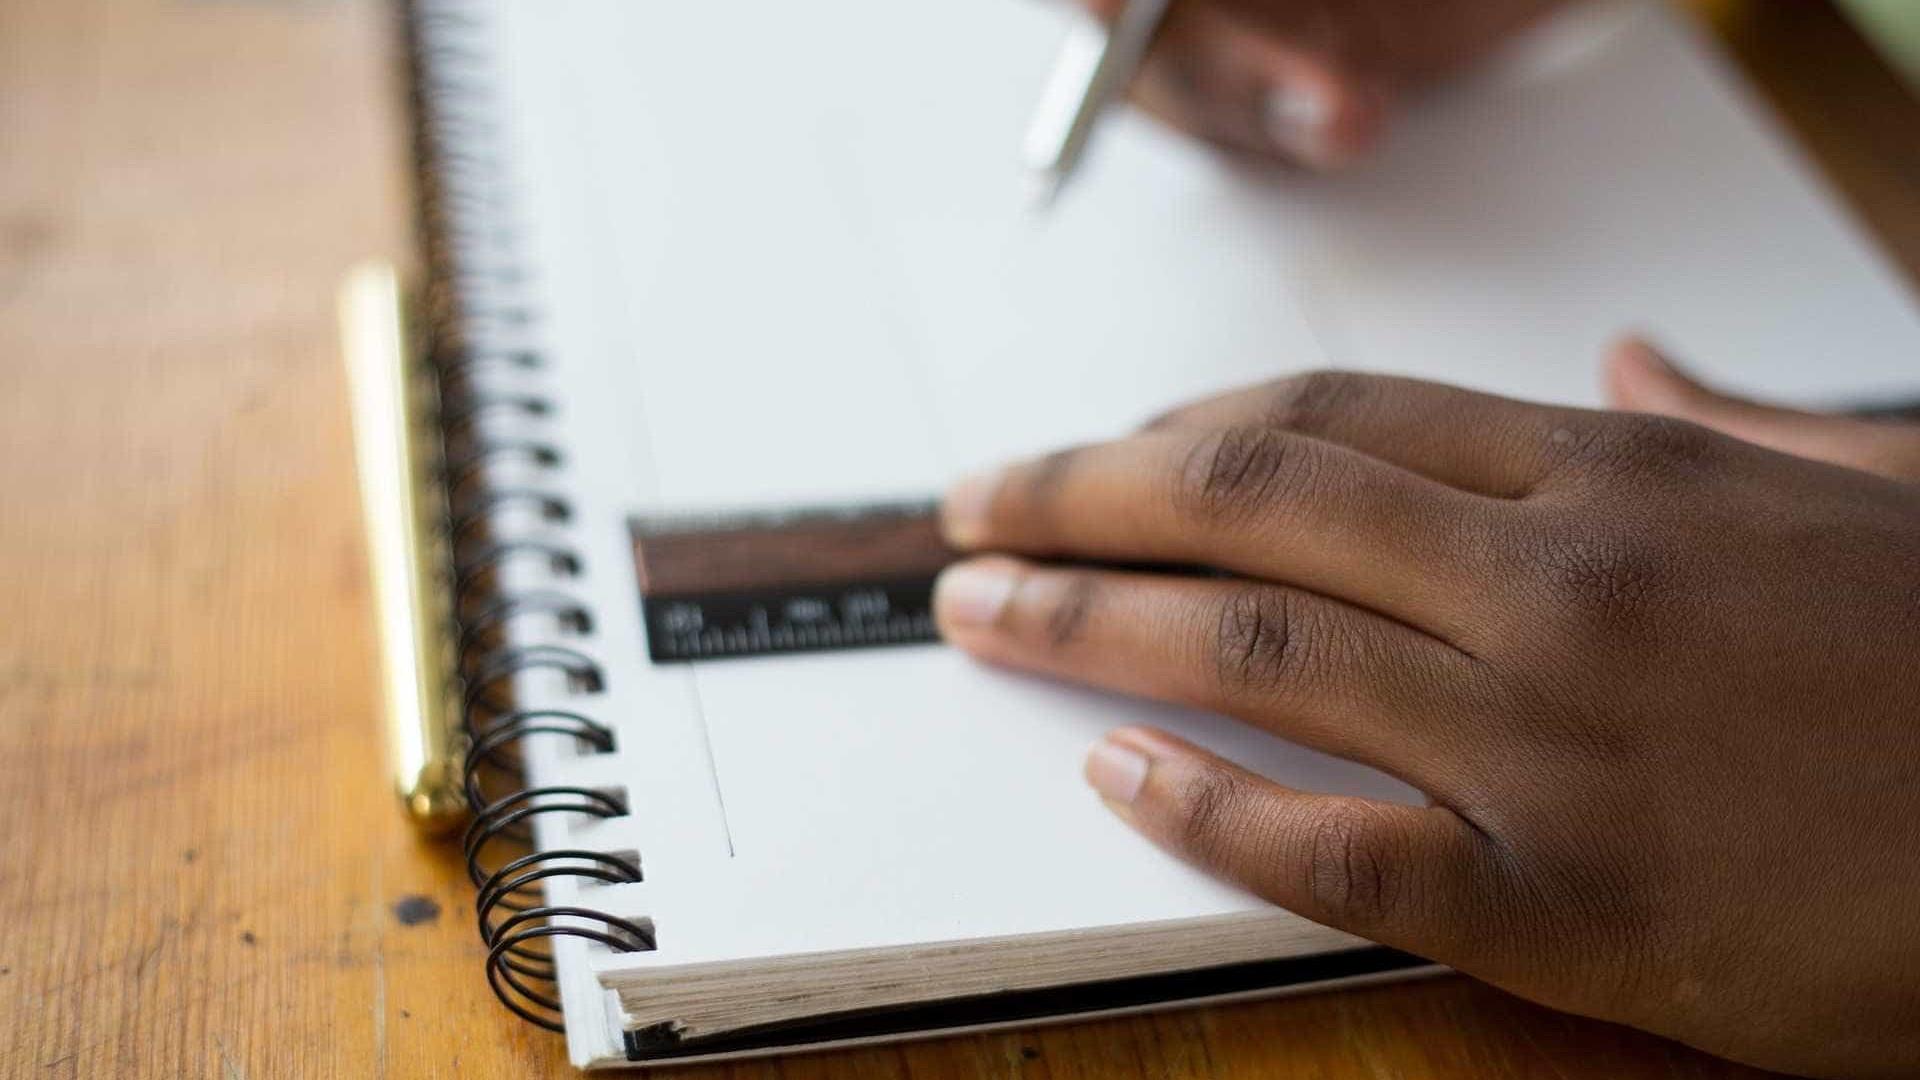 STF retoma hoje julgamento sobre legalidade do ensino domiciliar